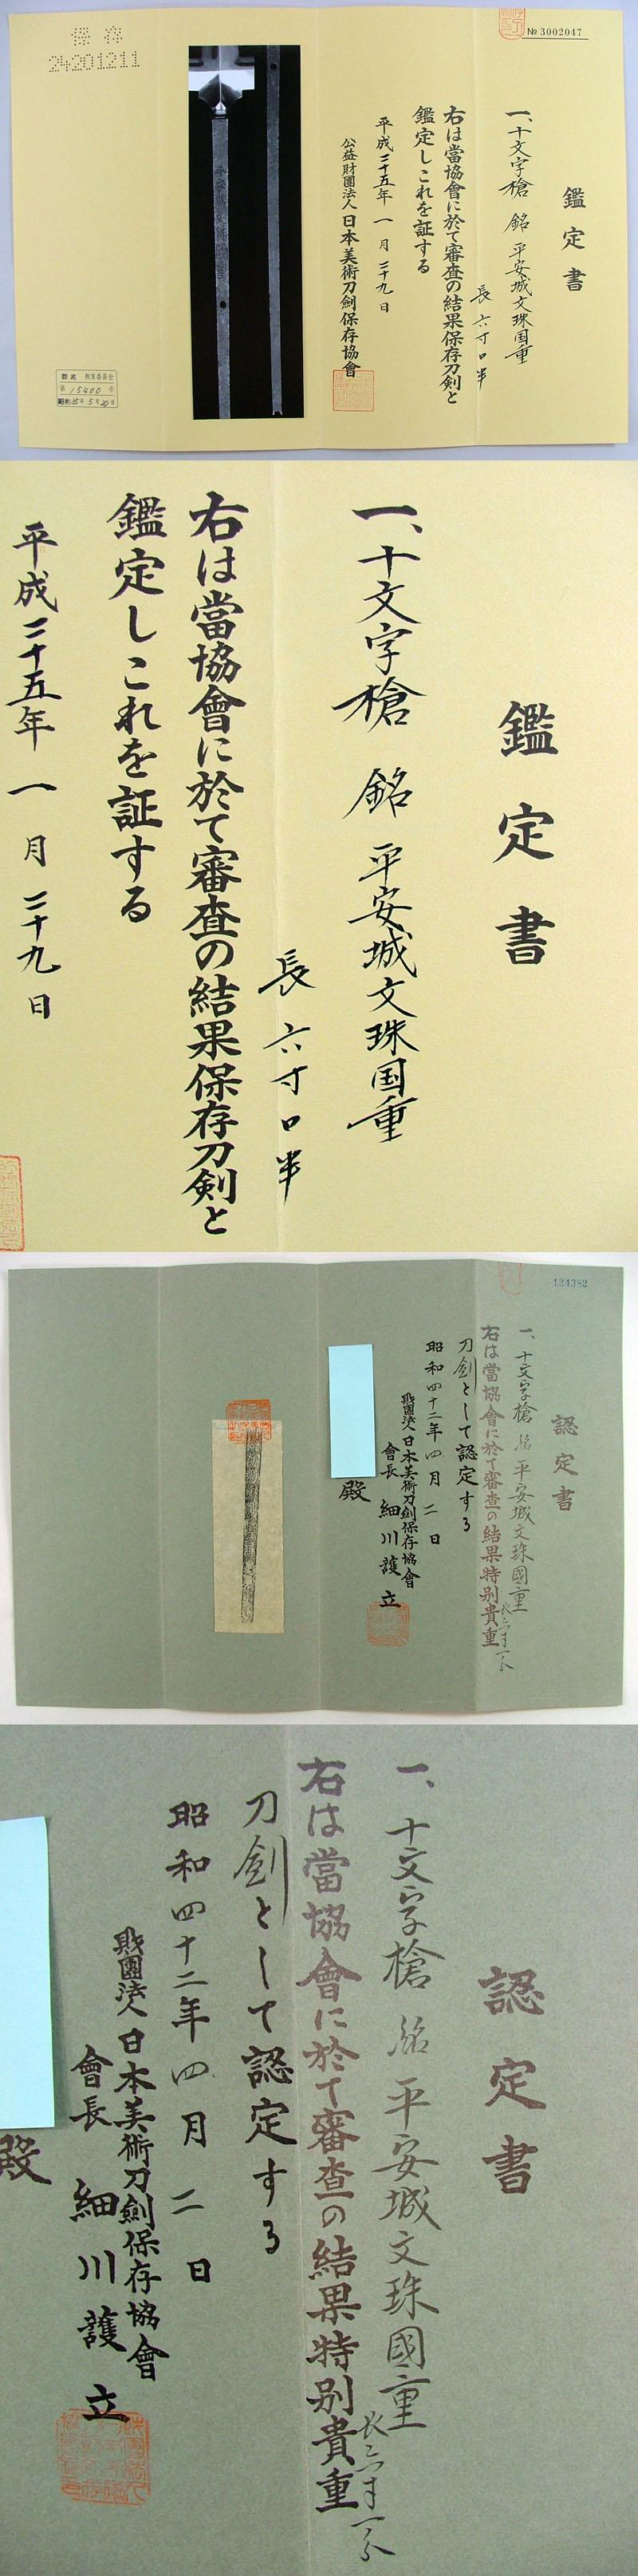 十文字槍 平安城文珠国重 Picture of Certificate